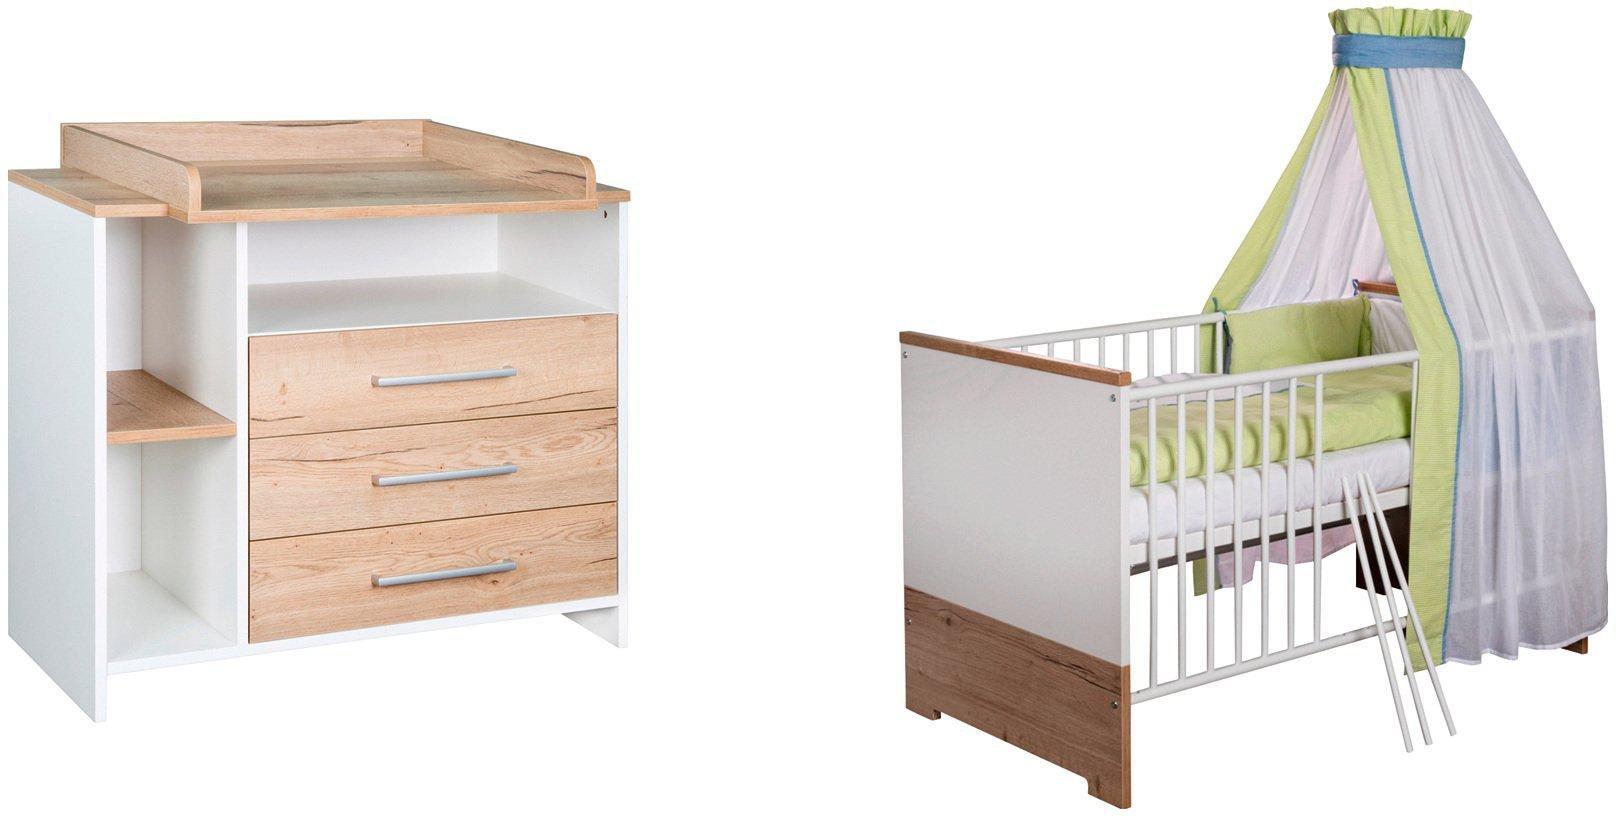 2 Tlg Babyzimmer Set Gunstig Kaufen Bei Preis De Ab 229